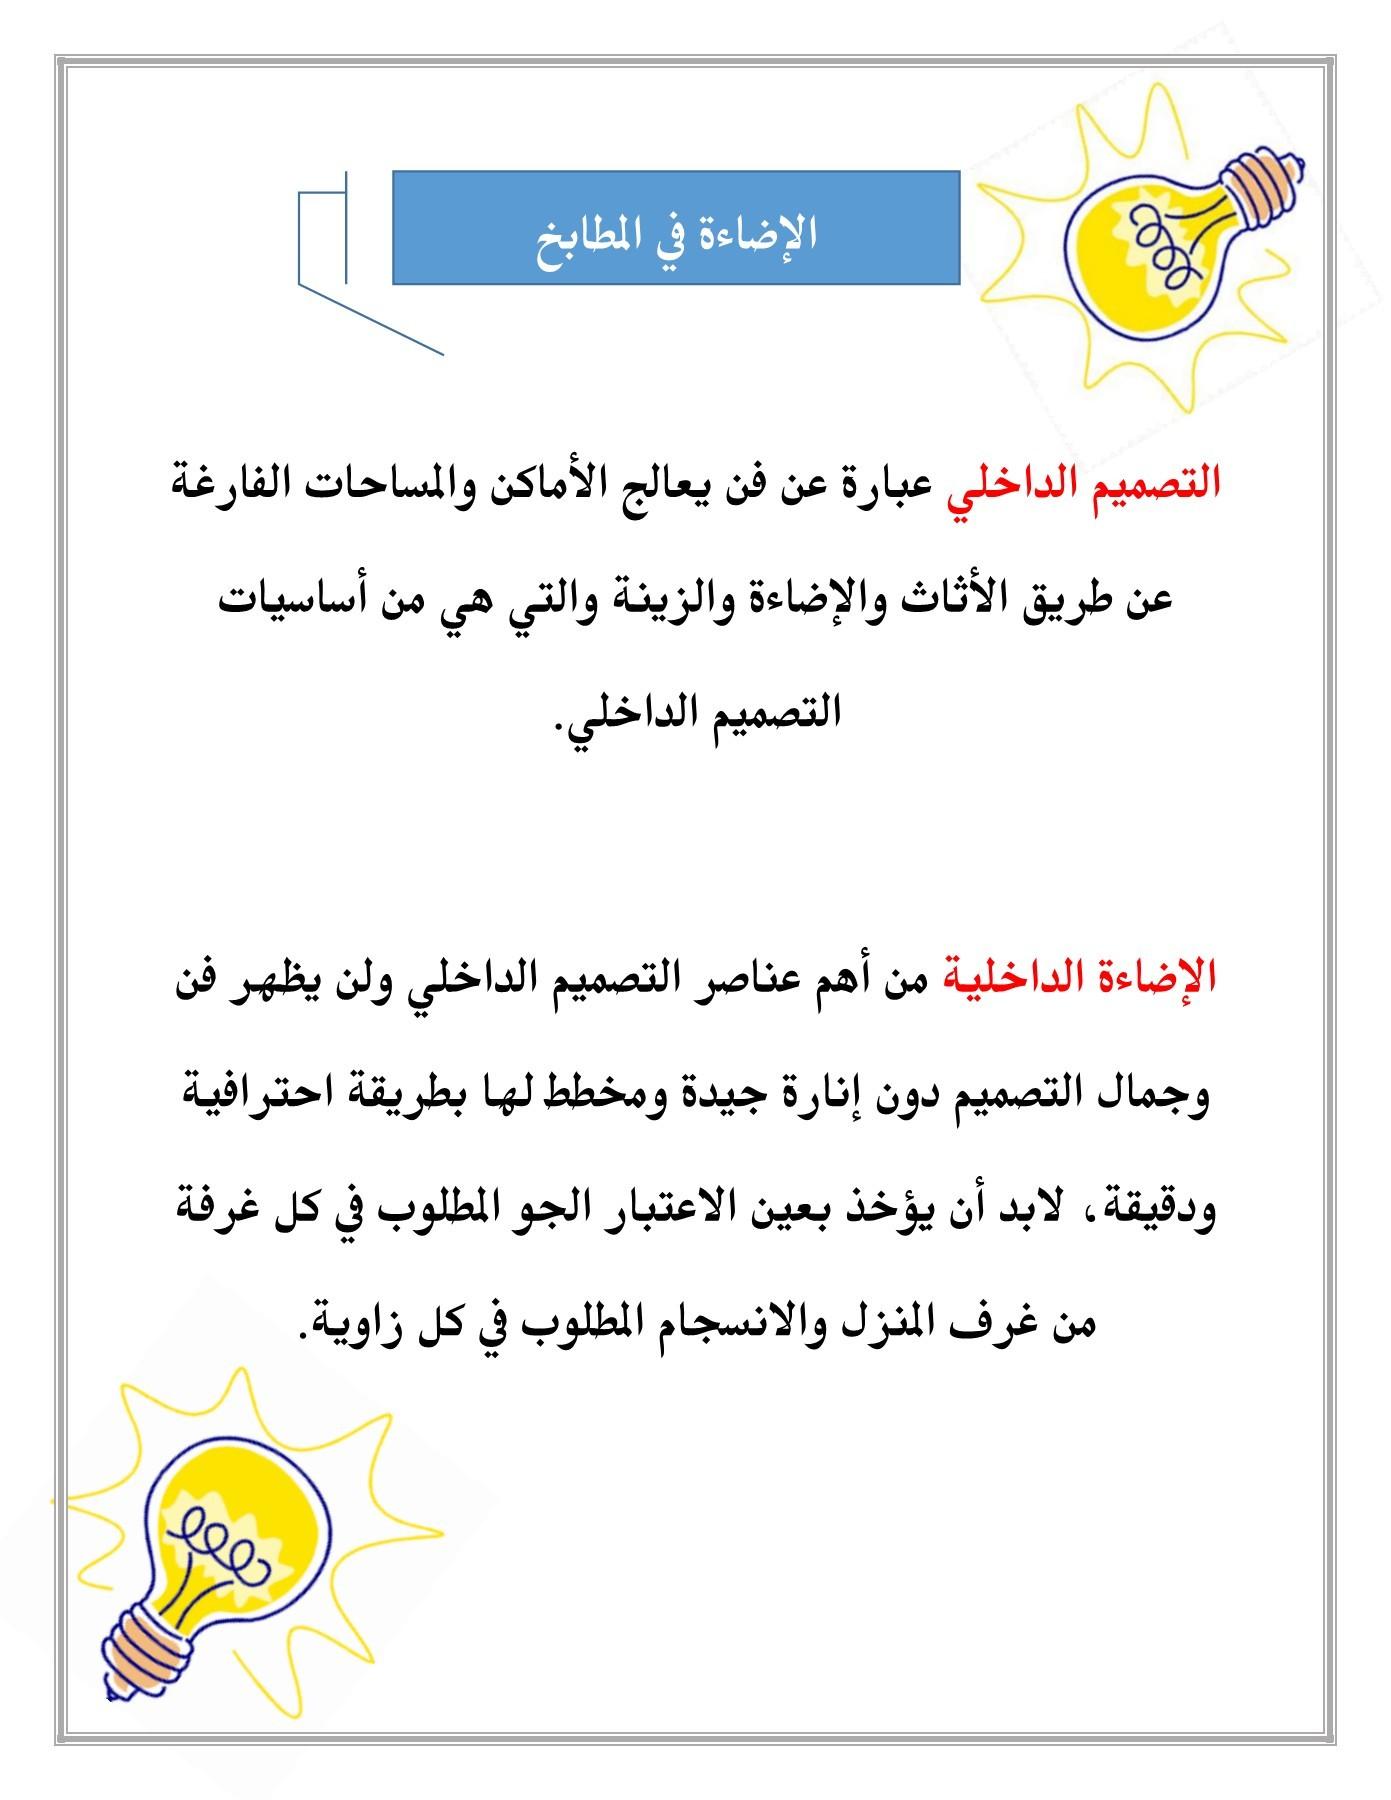 الاضاءه بحث المطابخ Pages 1 14 Text Version Fliphtml5